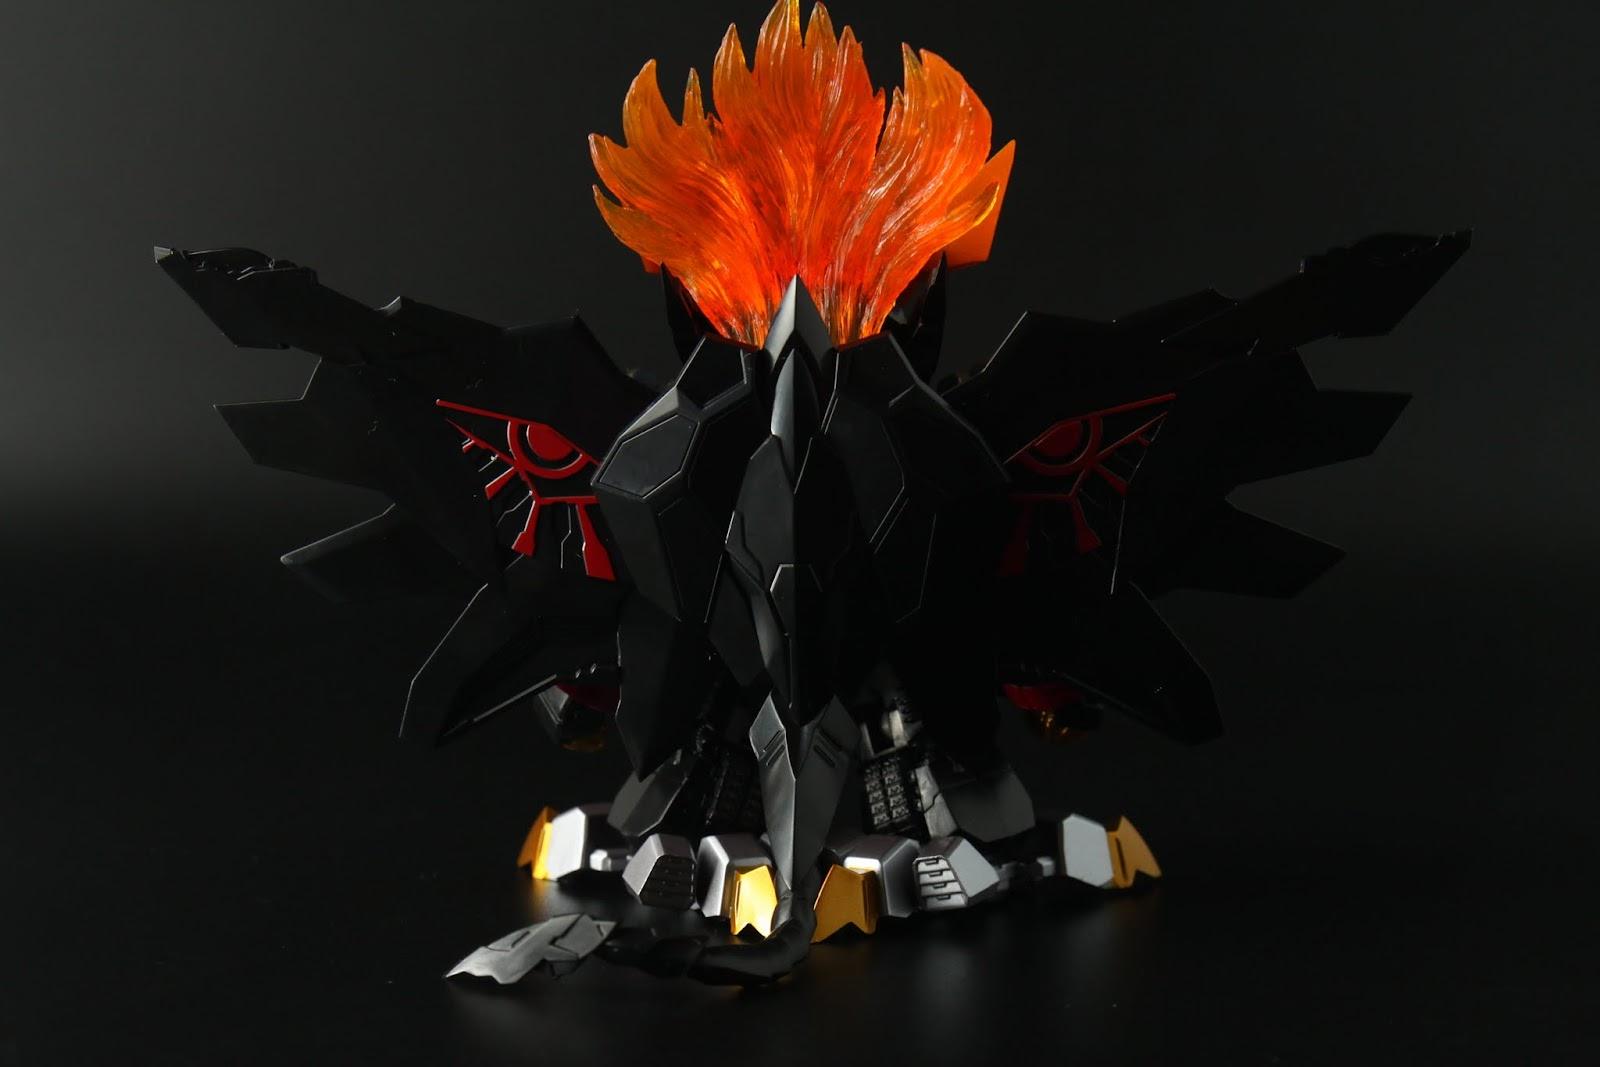 雖然破壞神之眼有塗裝,不過翅膀不能閉合覺得有點偷懶